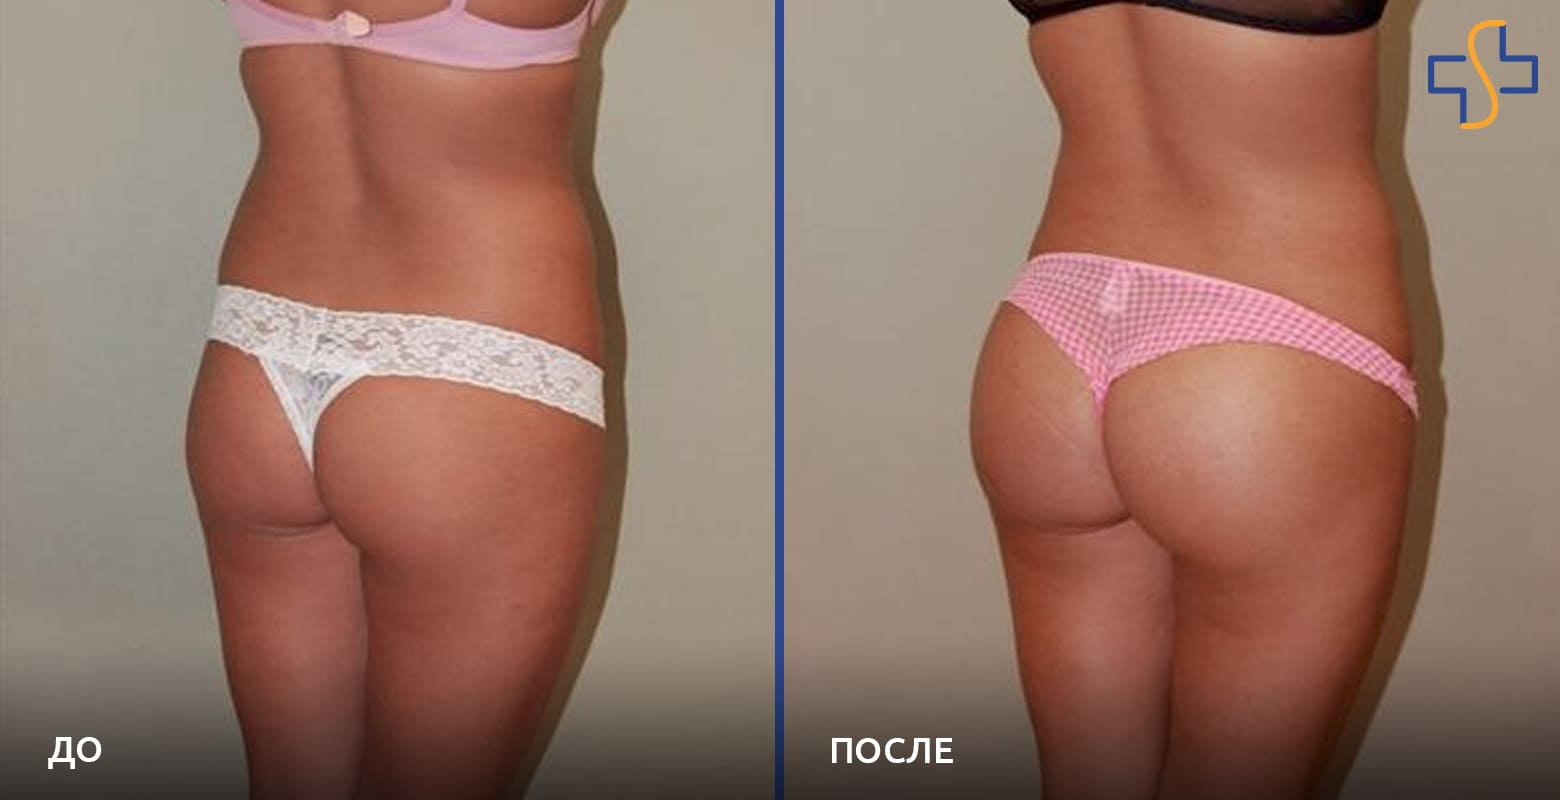 фото до/после проведённой глютеопластики